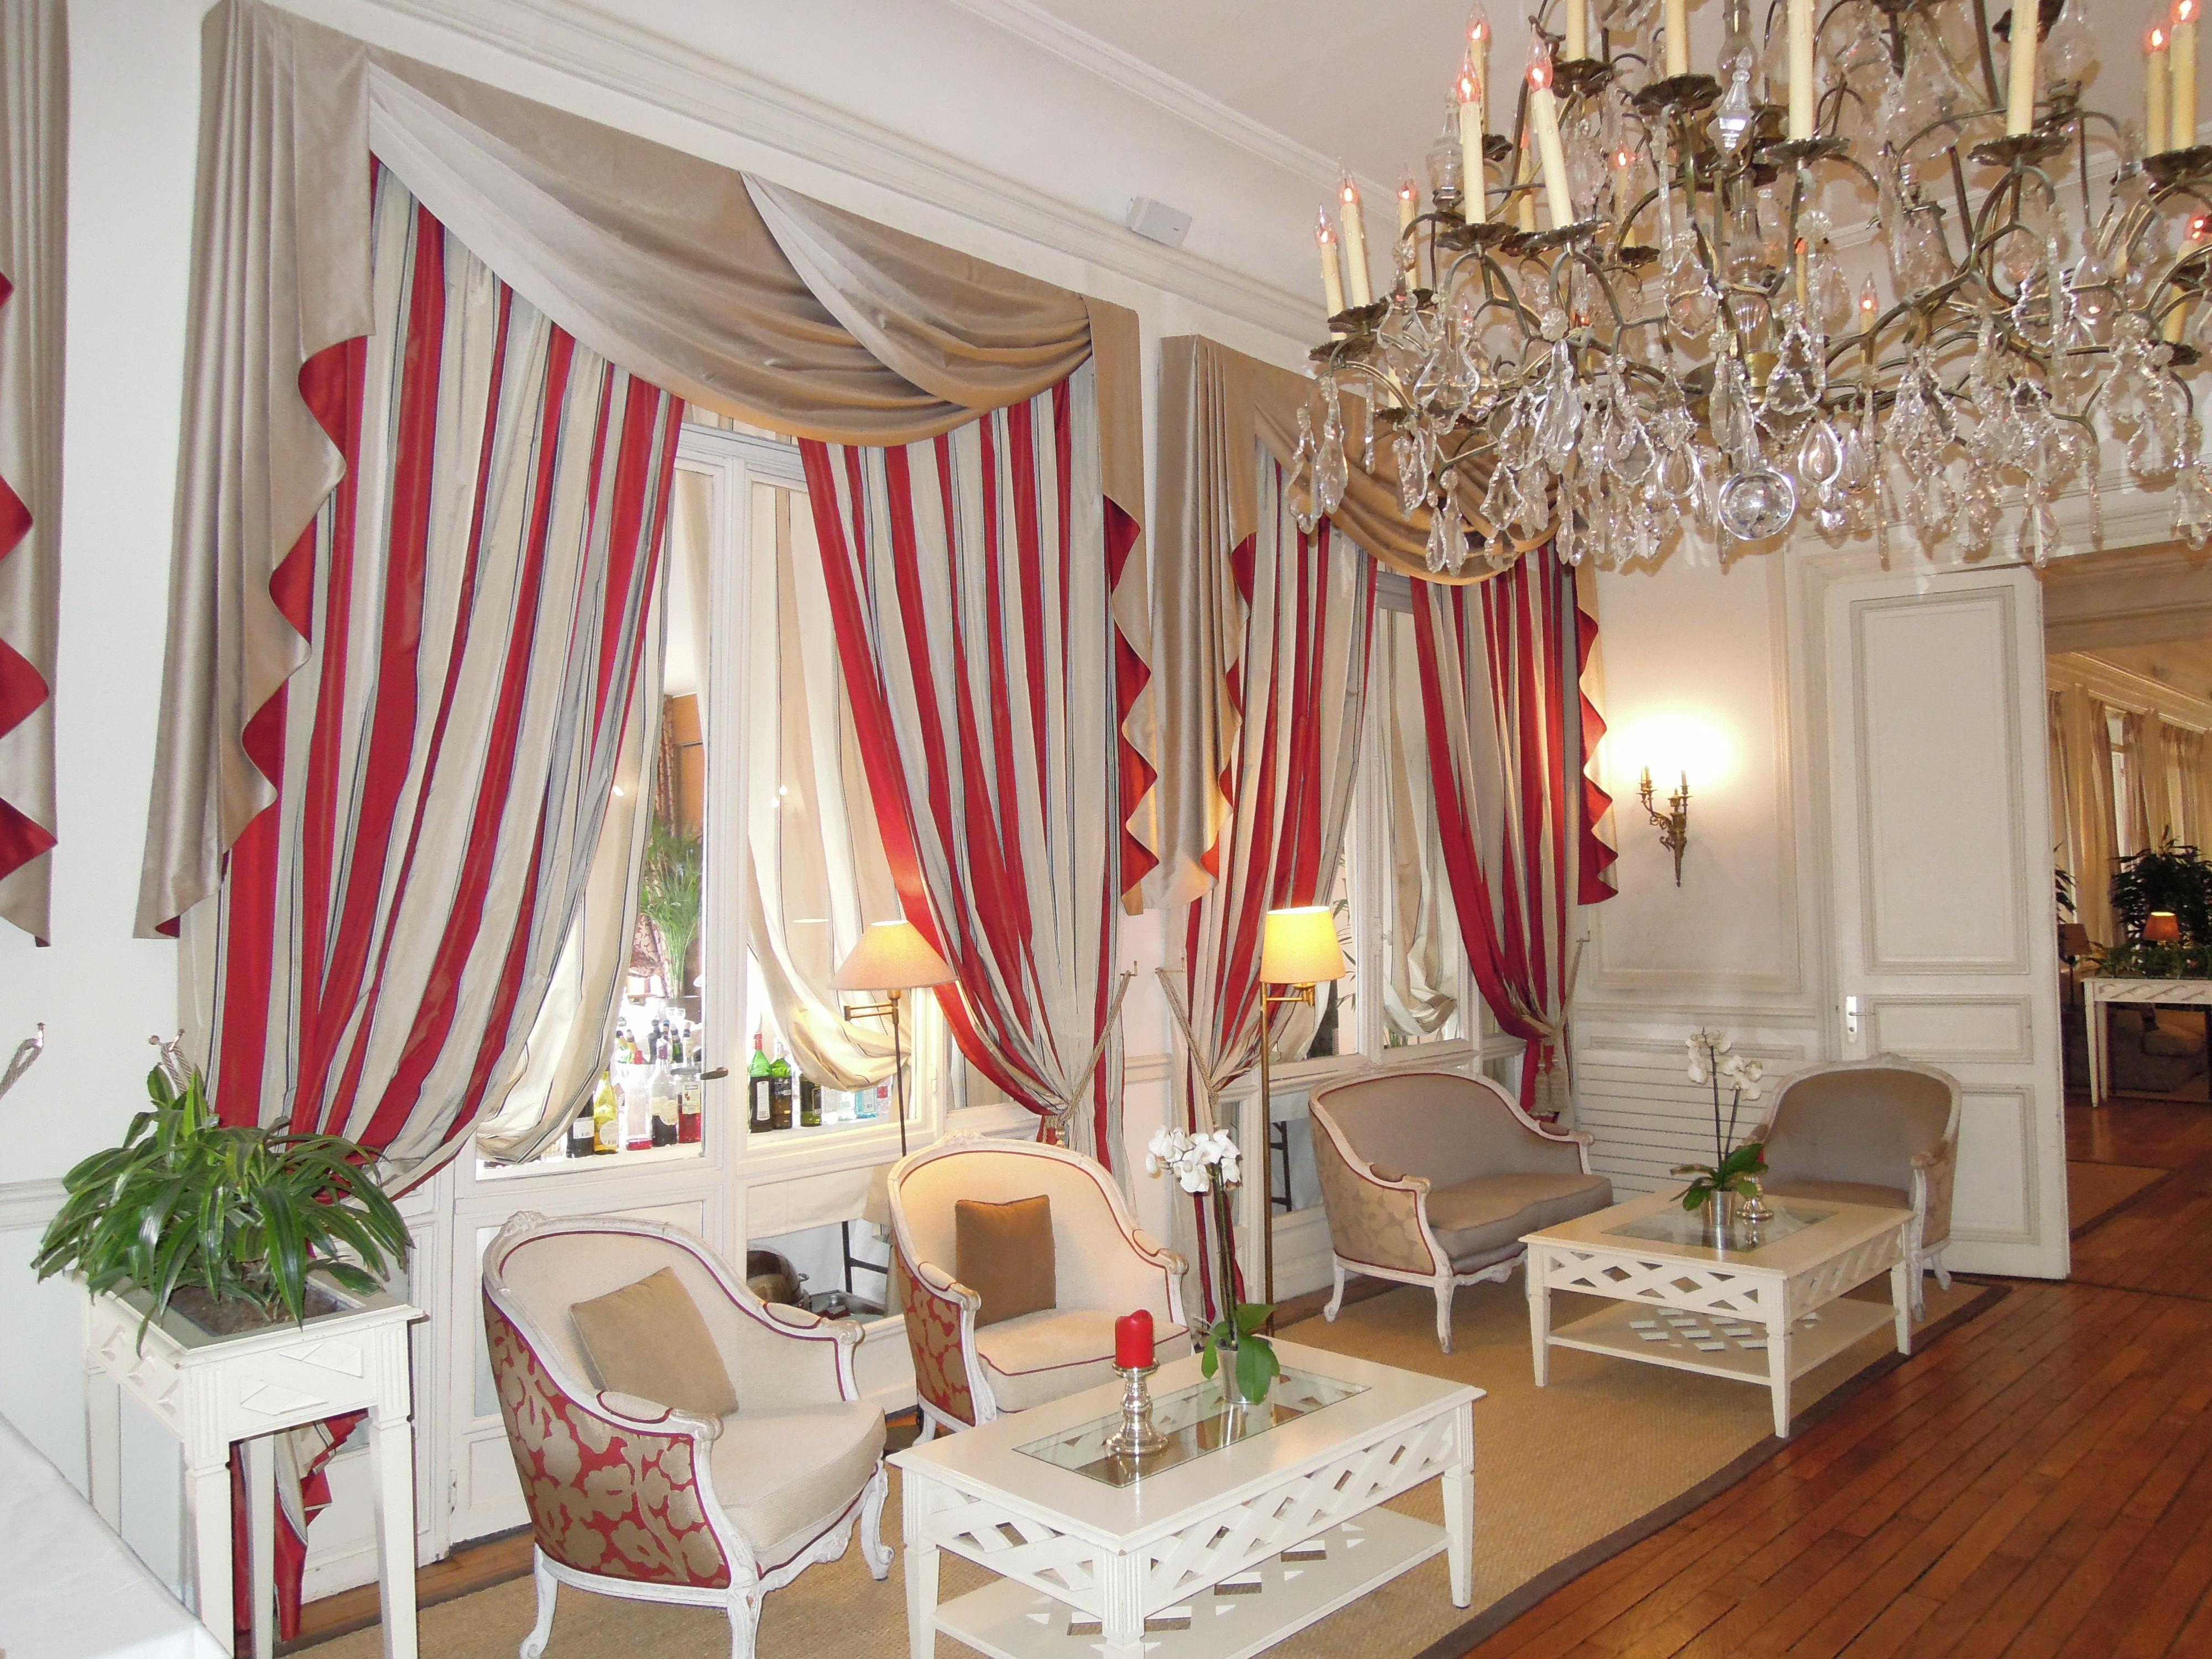 rideaux de fenetre tous les fournisseurs rideau. Black Bedroom Furniture Sets. Home Design Ideas